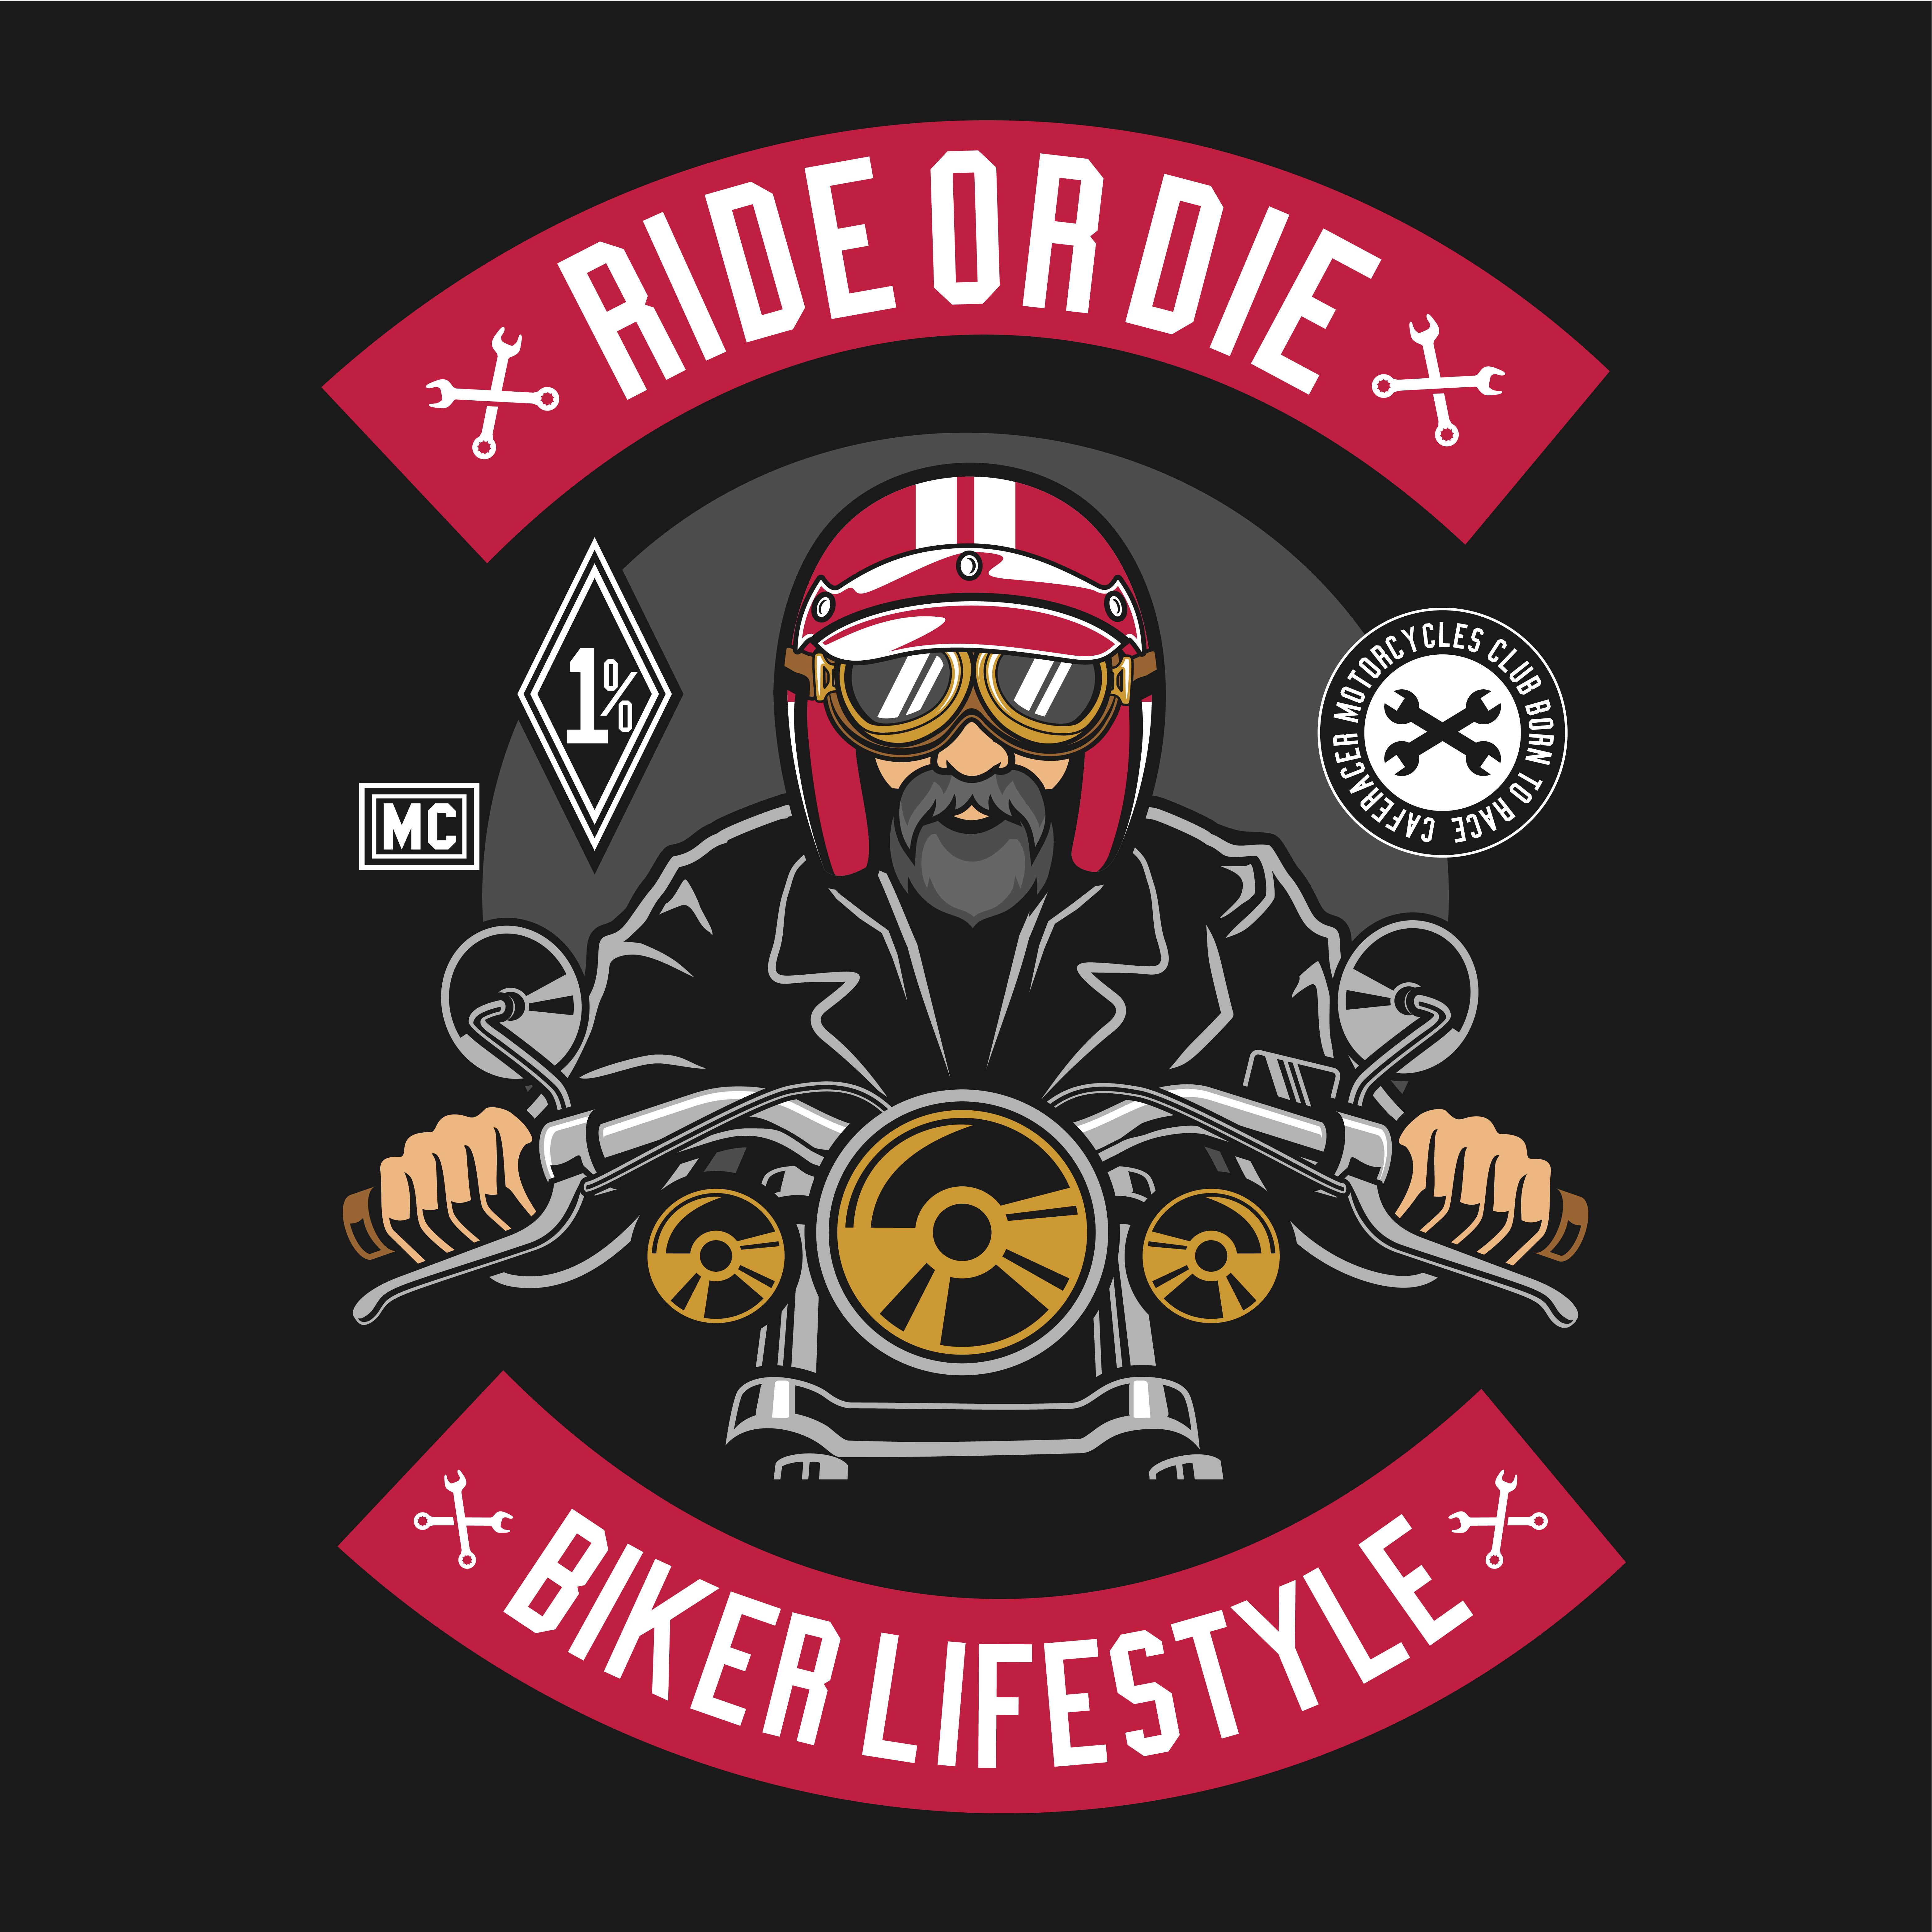 Ride or die biker lifestyle - Download Free Vectors ...